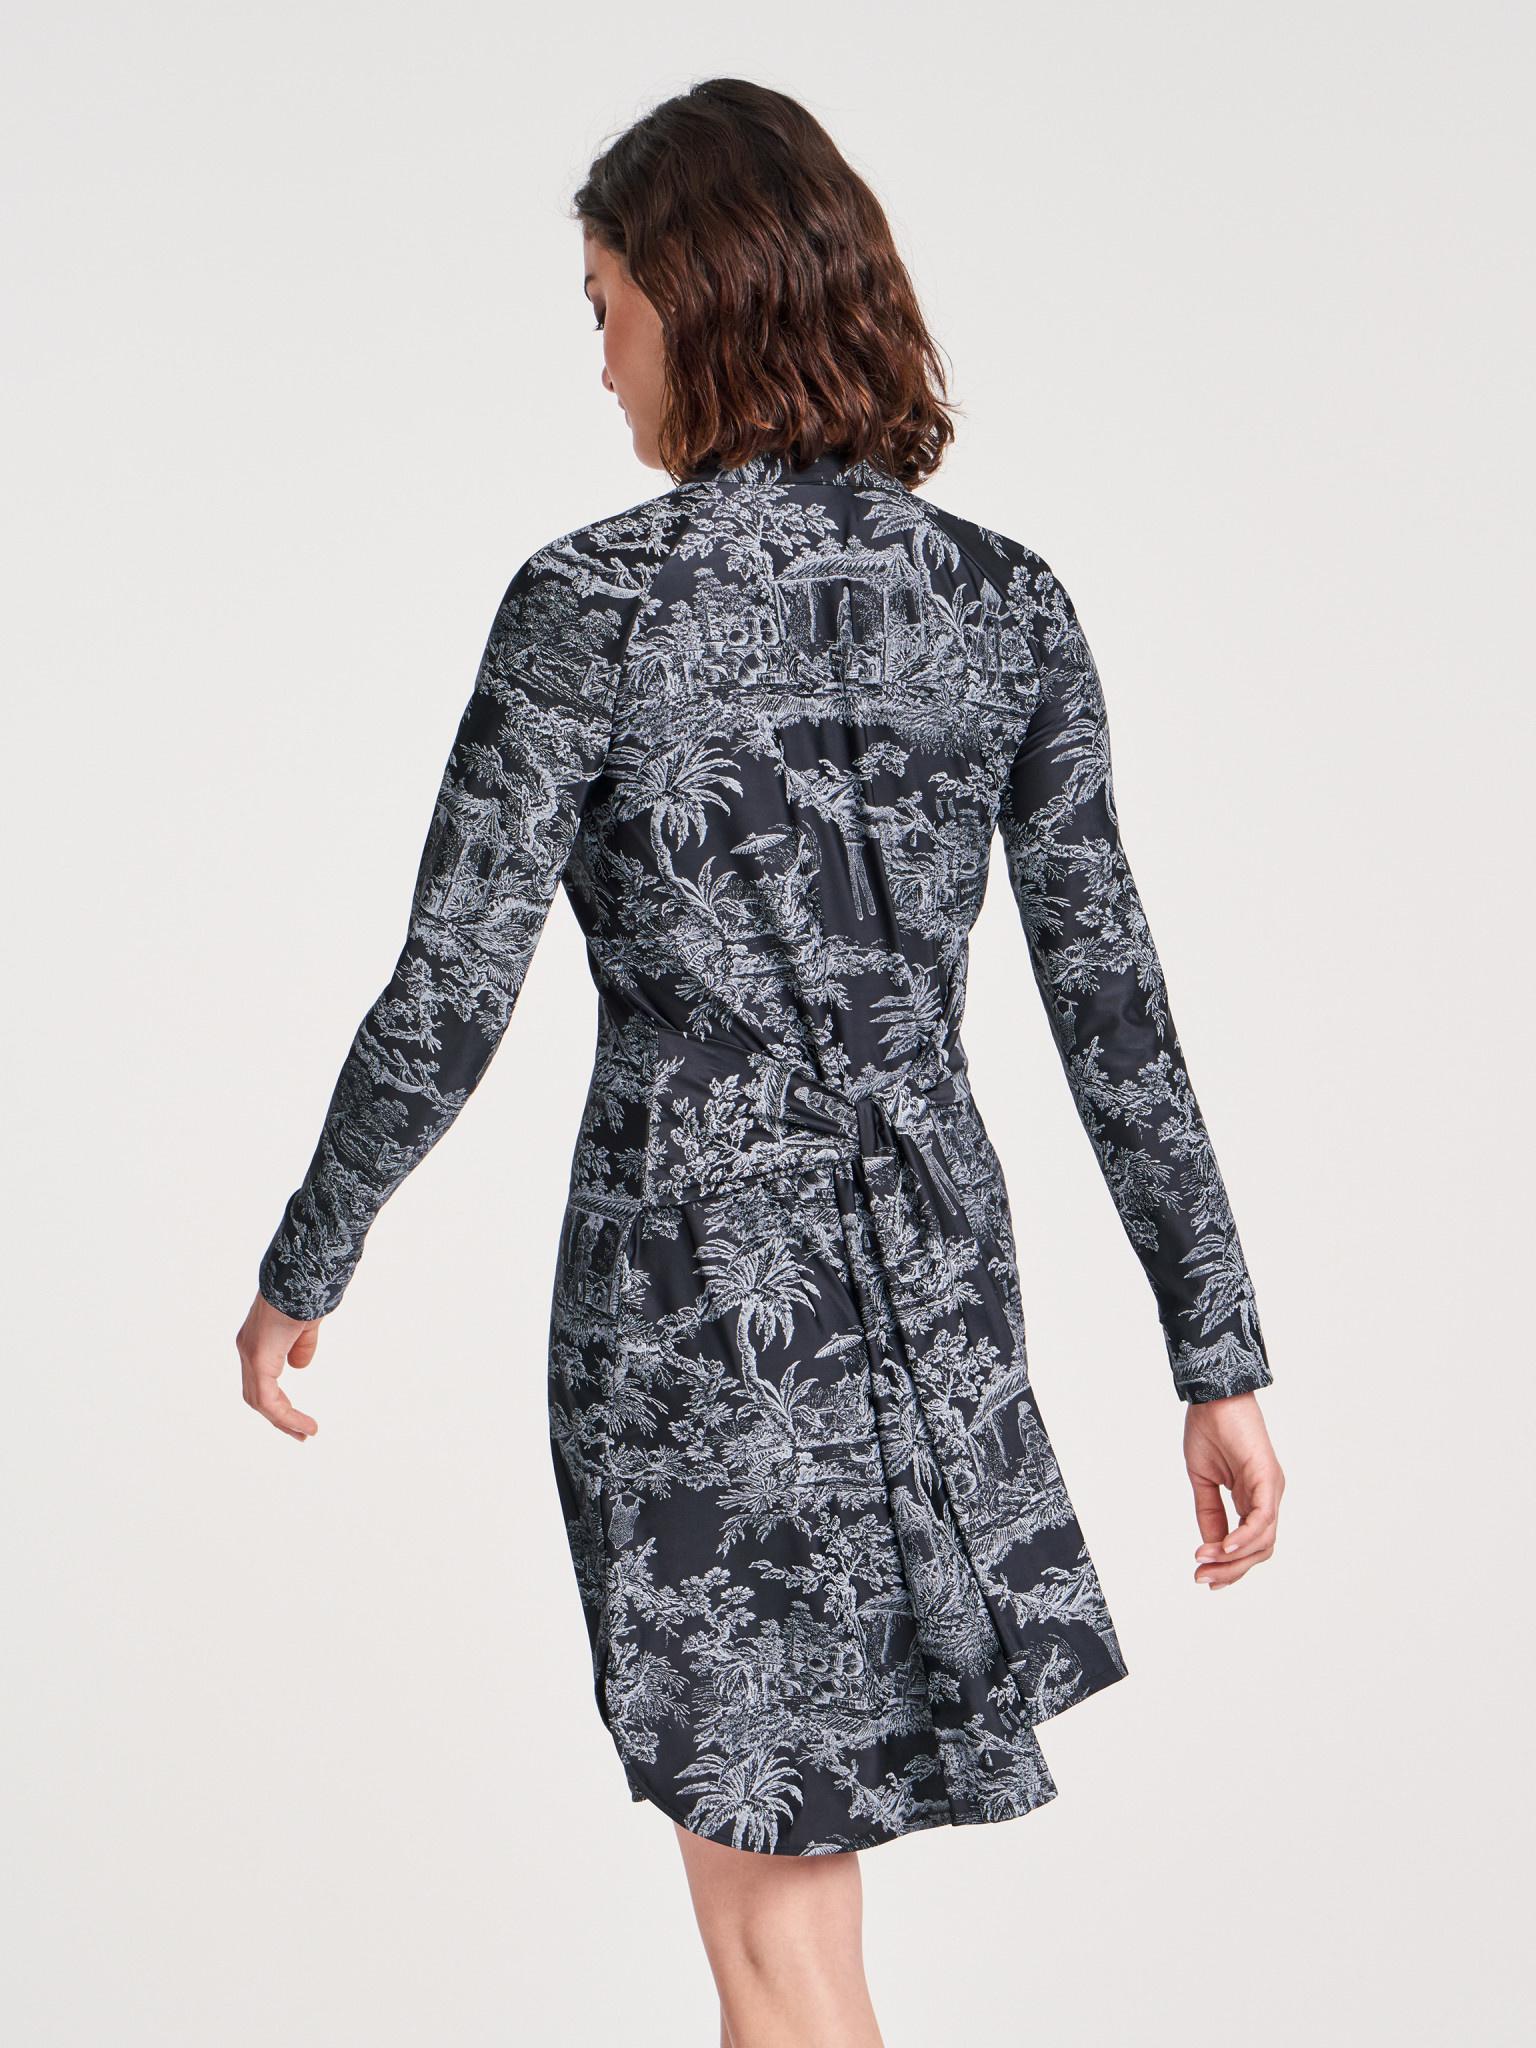 WOLFORD 52732 Antoinette Dress